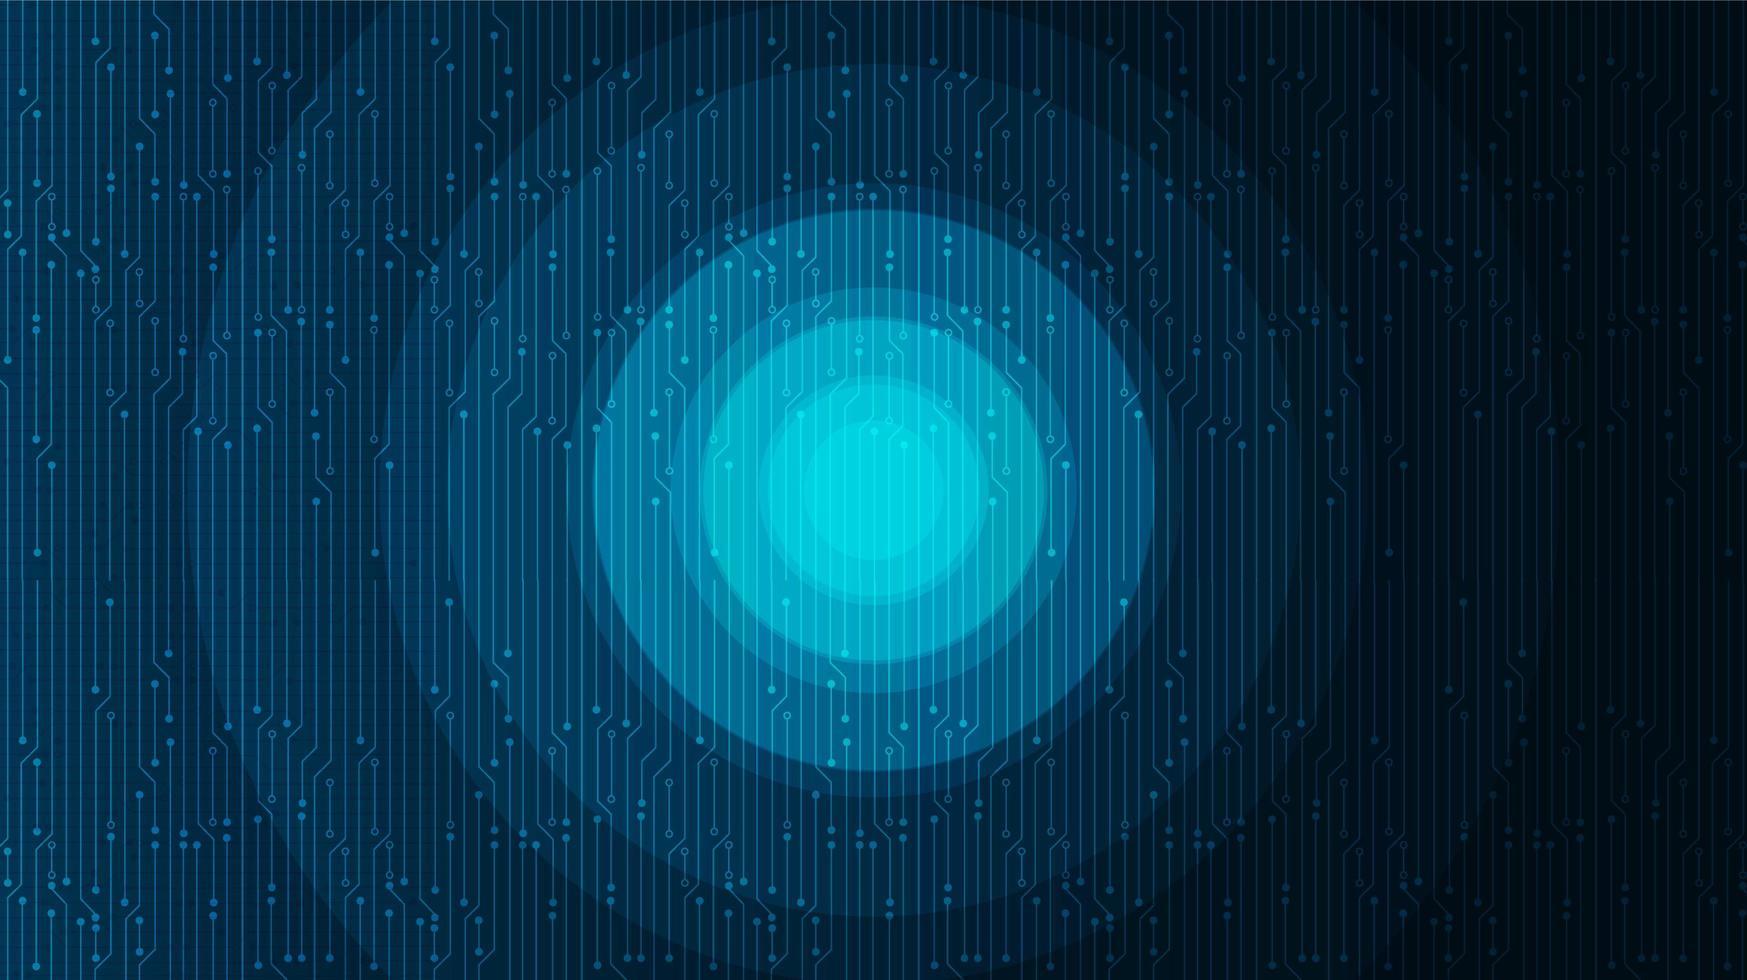 sfondo tecnologia cerchio digitale, design digitale hi-tech e concetto di comunicazione, spazio libero per il testo in put, illustrazione vettoriale